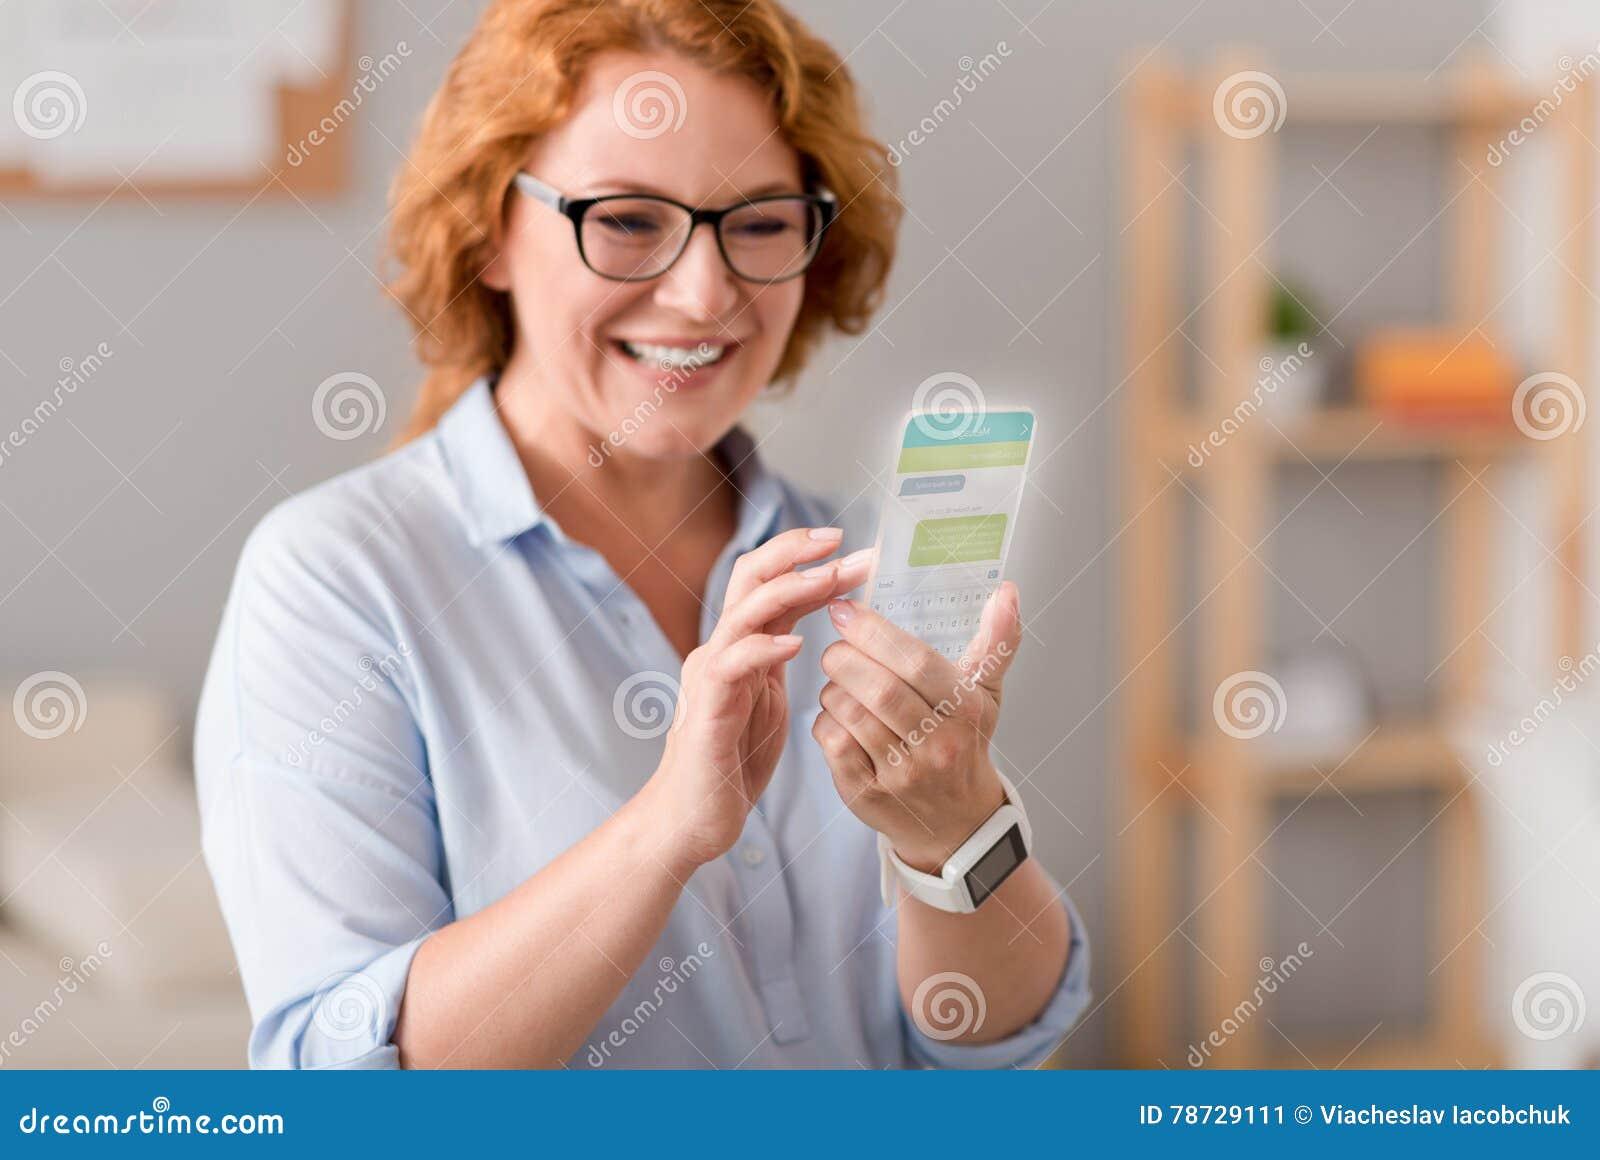 Glad vuxen kvinna som använder mobiltelefonen